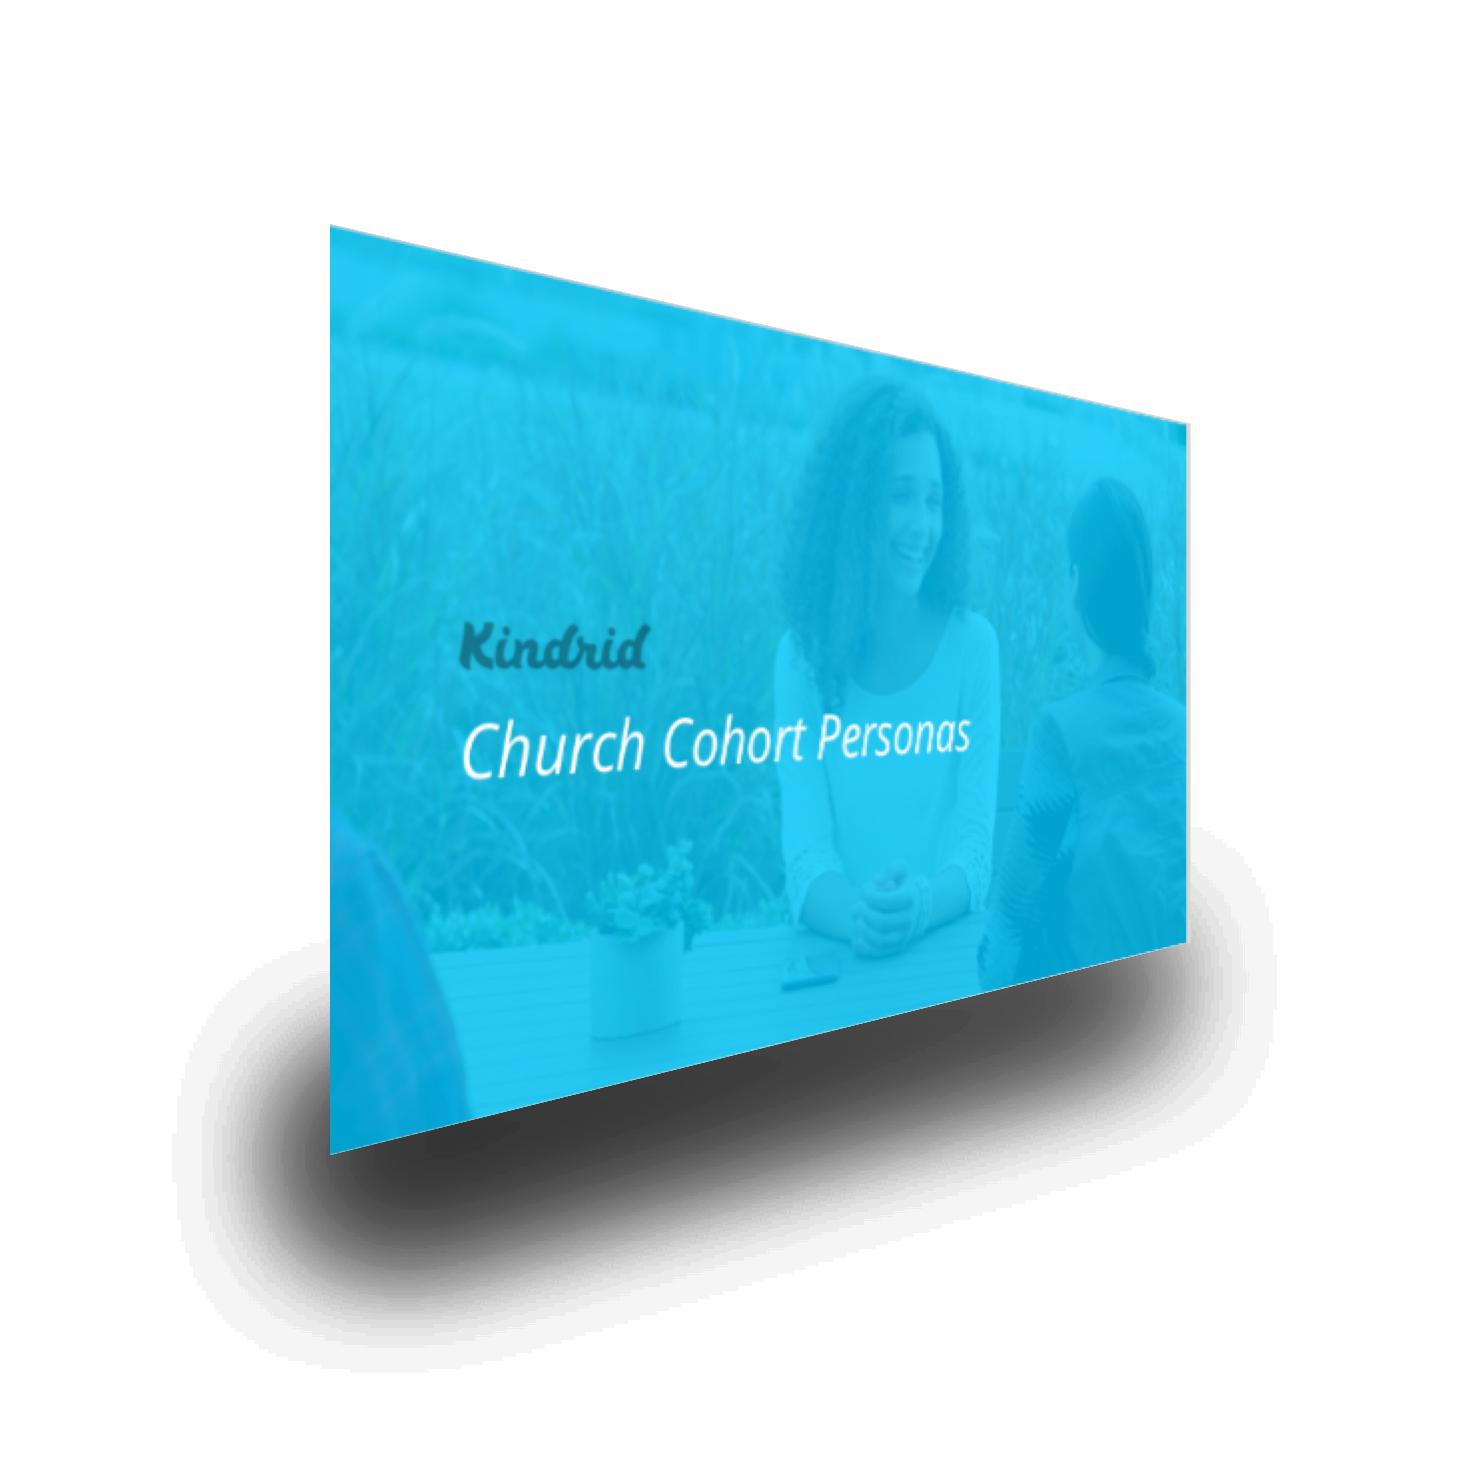 Church cohort persona report